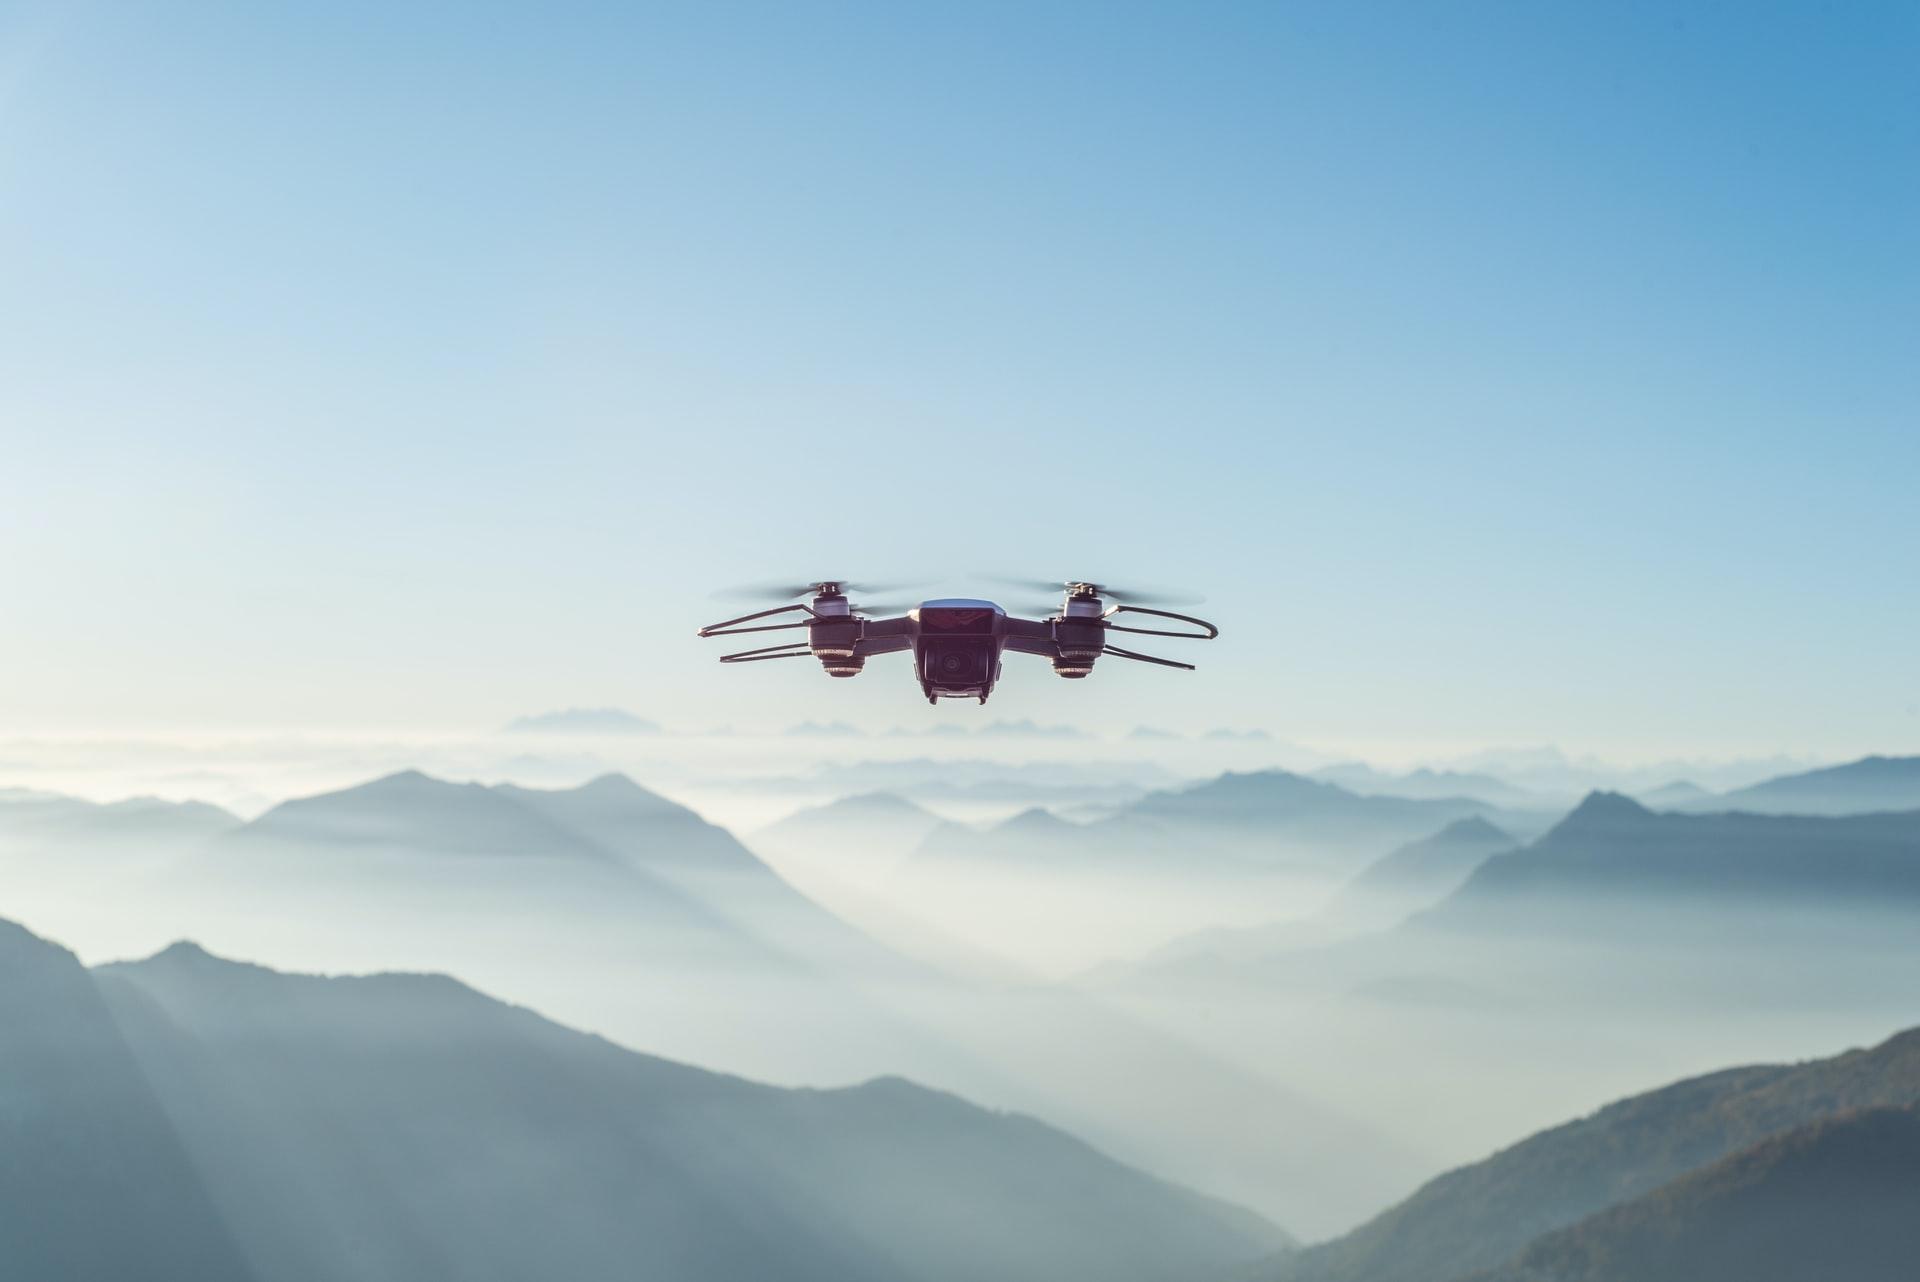 Un drone dans le ciel